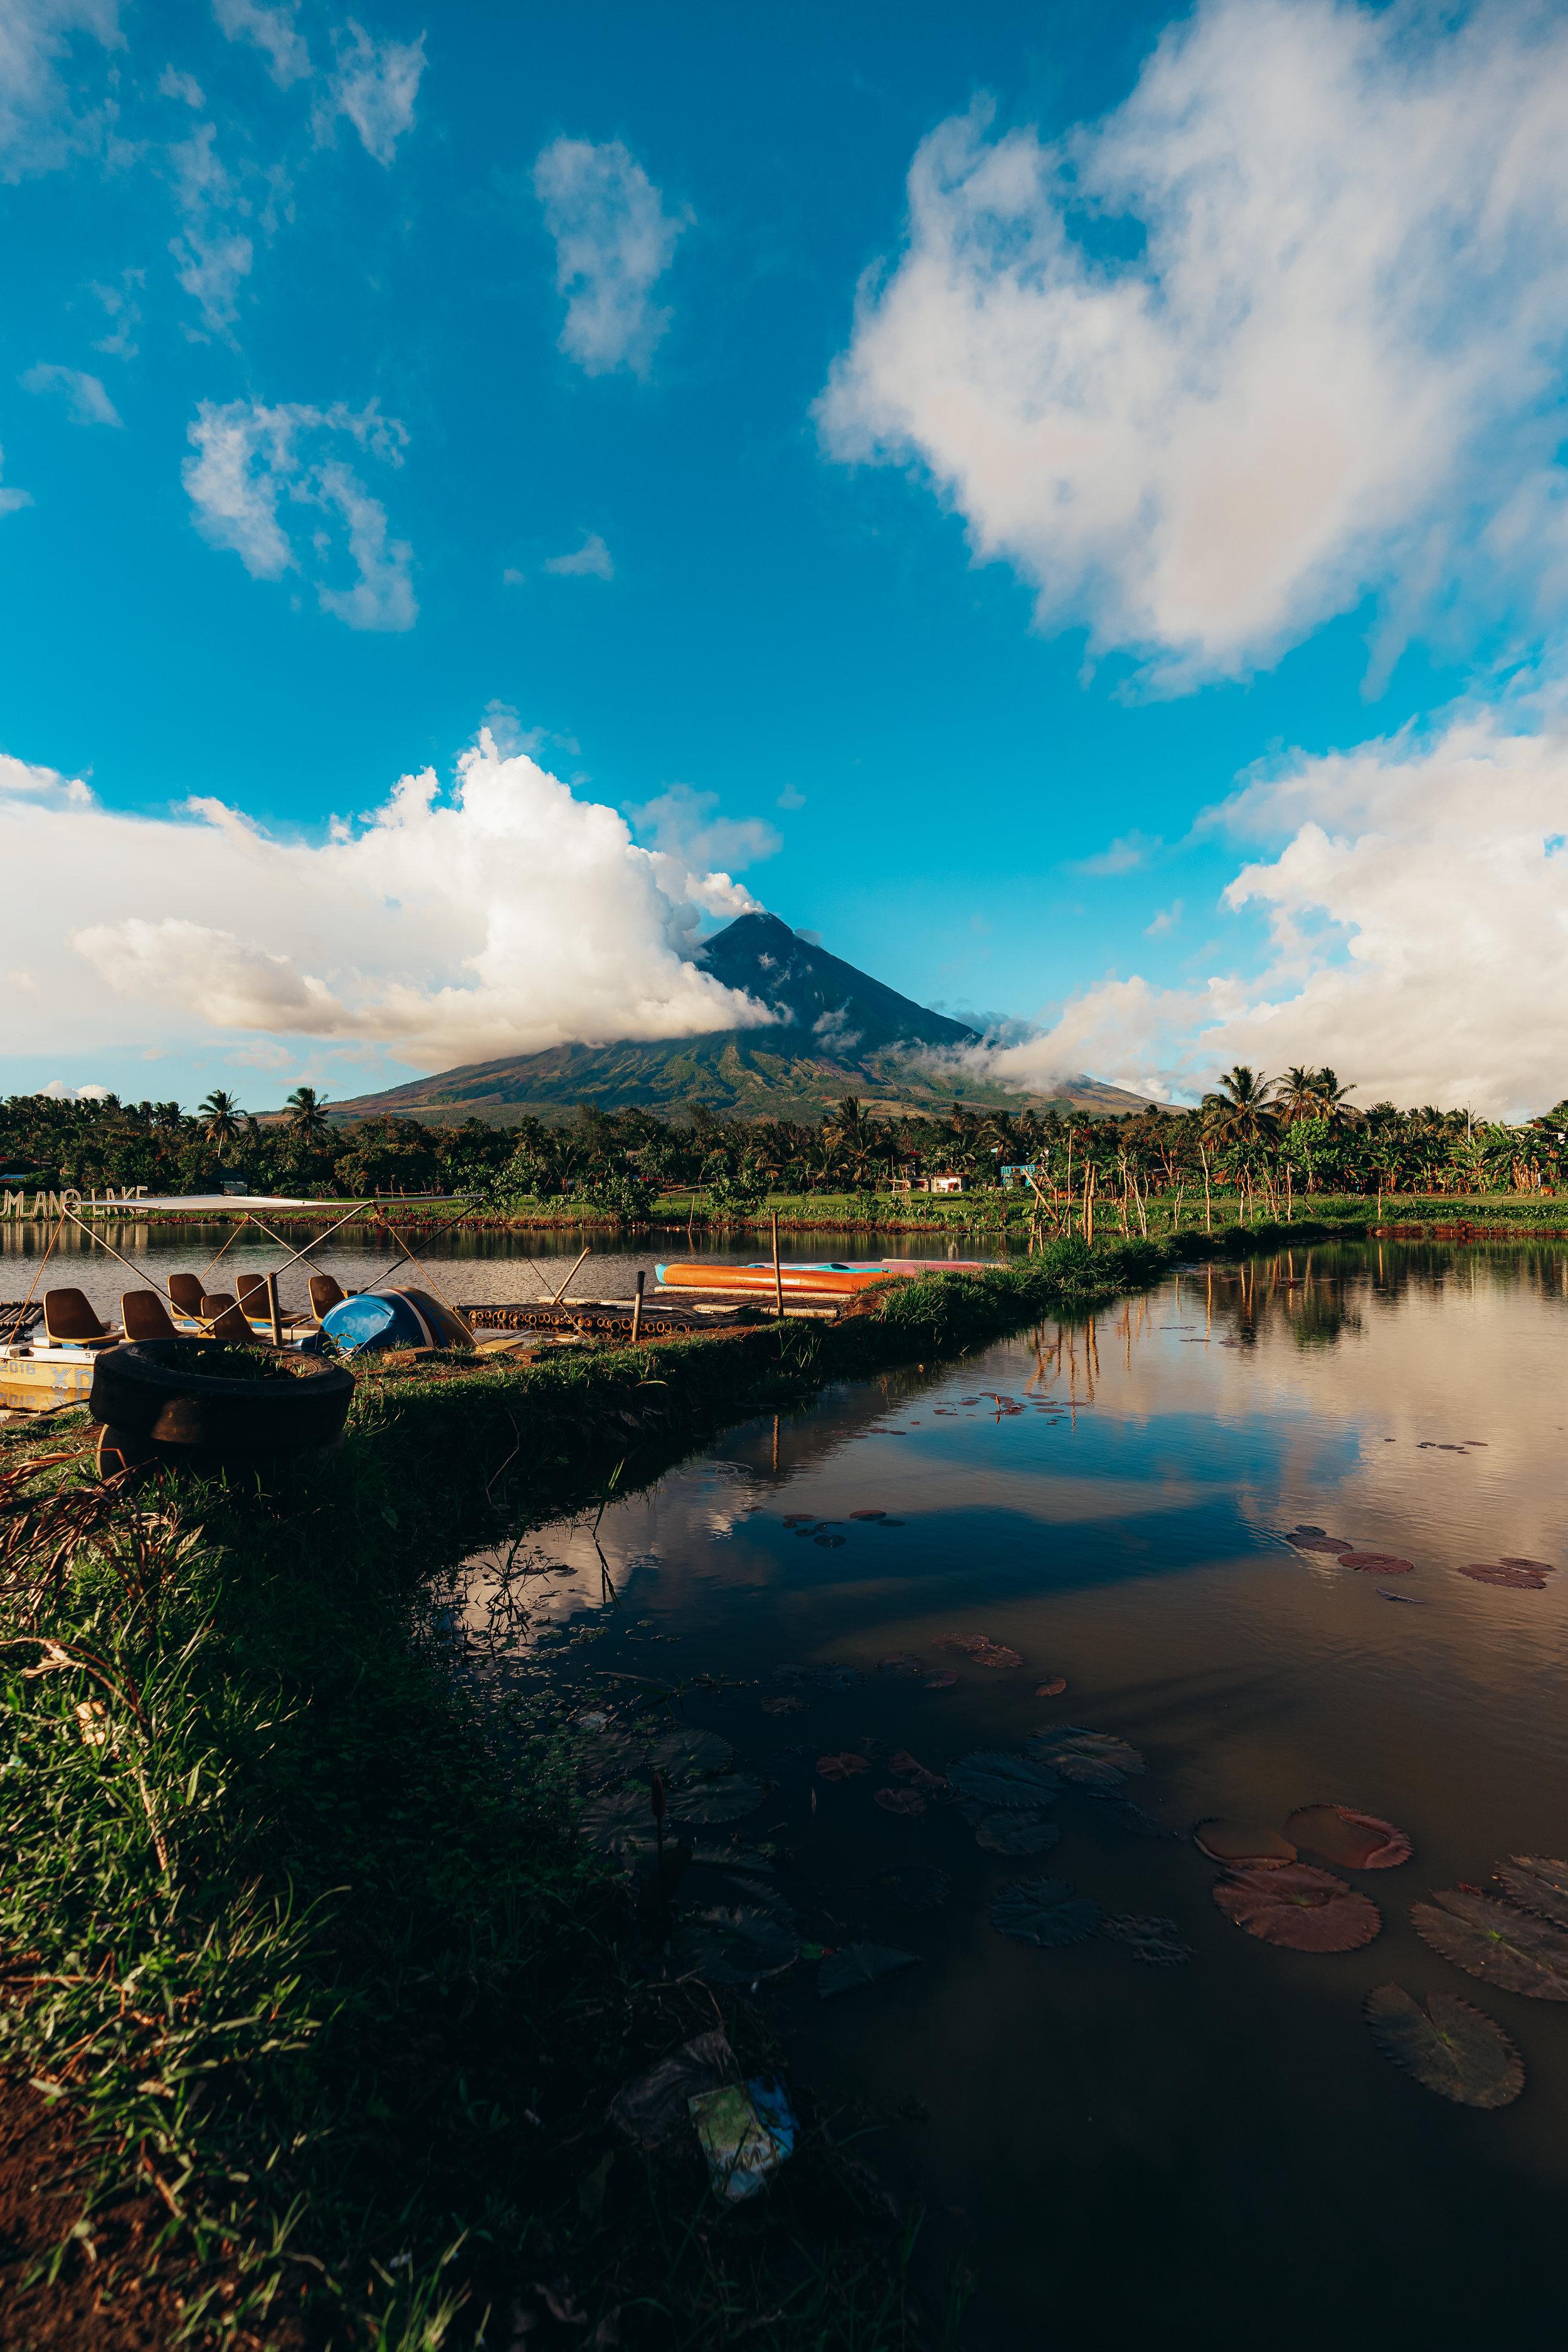 sumlang-lake-edits-2.jpg